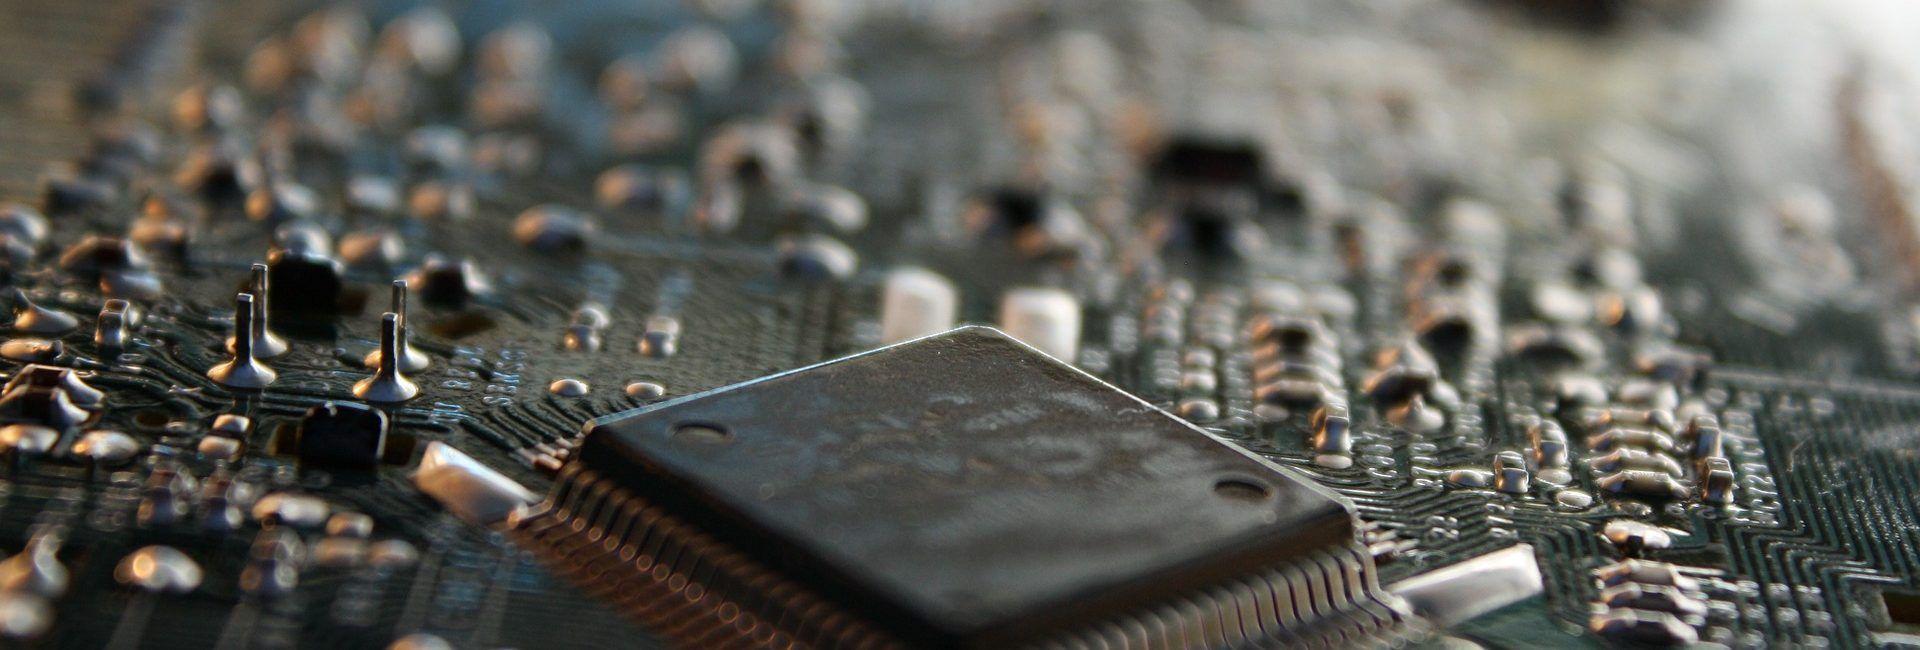 Servicio técnico reparación de ordenadores a domicilio